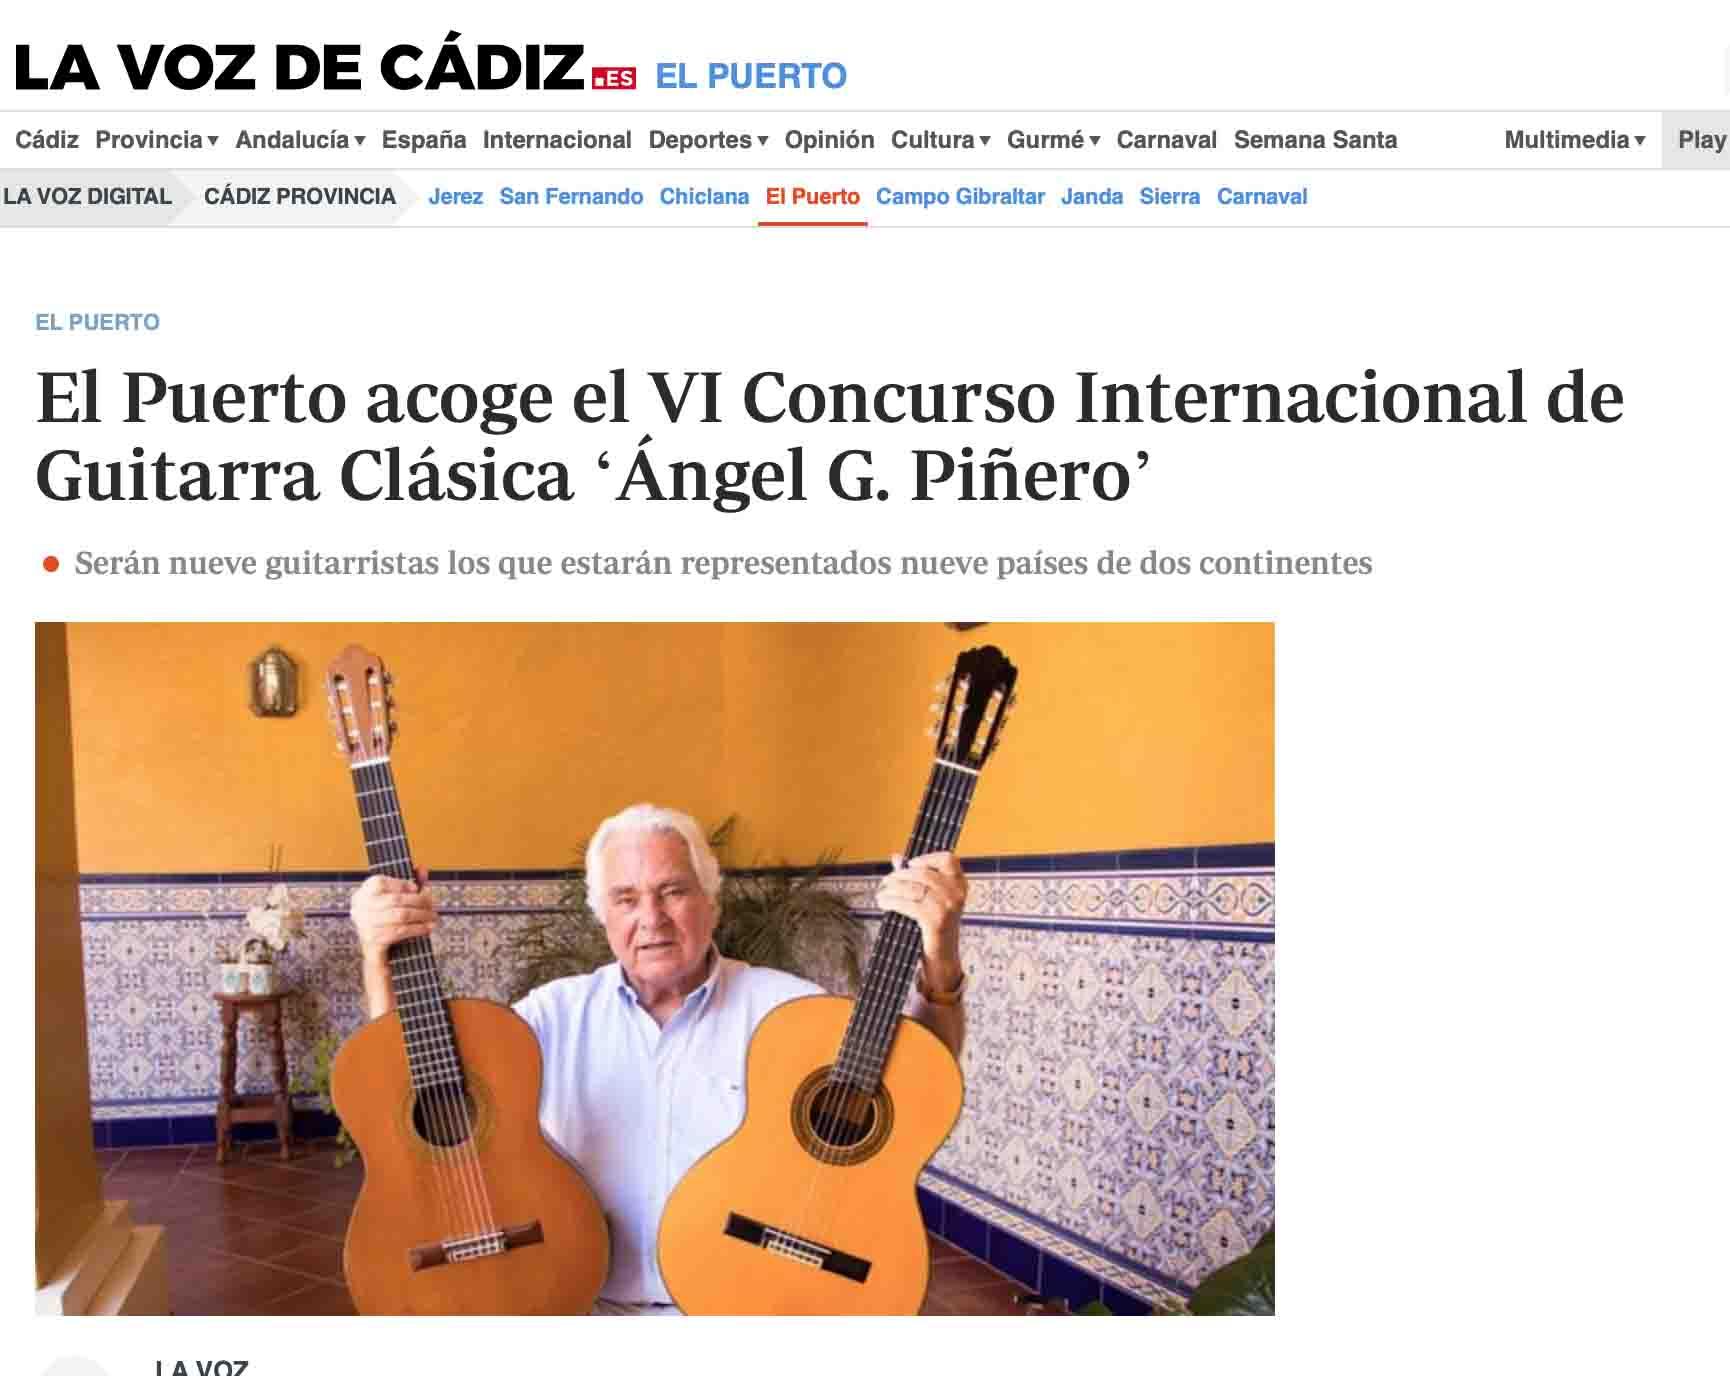 El Puerto acoge el VI Concurso Internacional de Guitarra Clásica 'Ángel G. Piñero' en La Voz de Cádiz